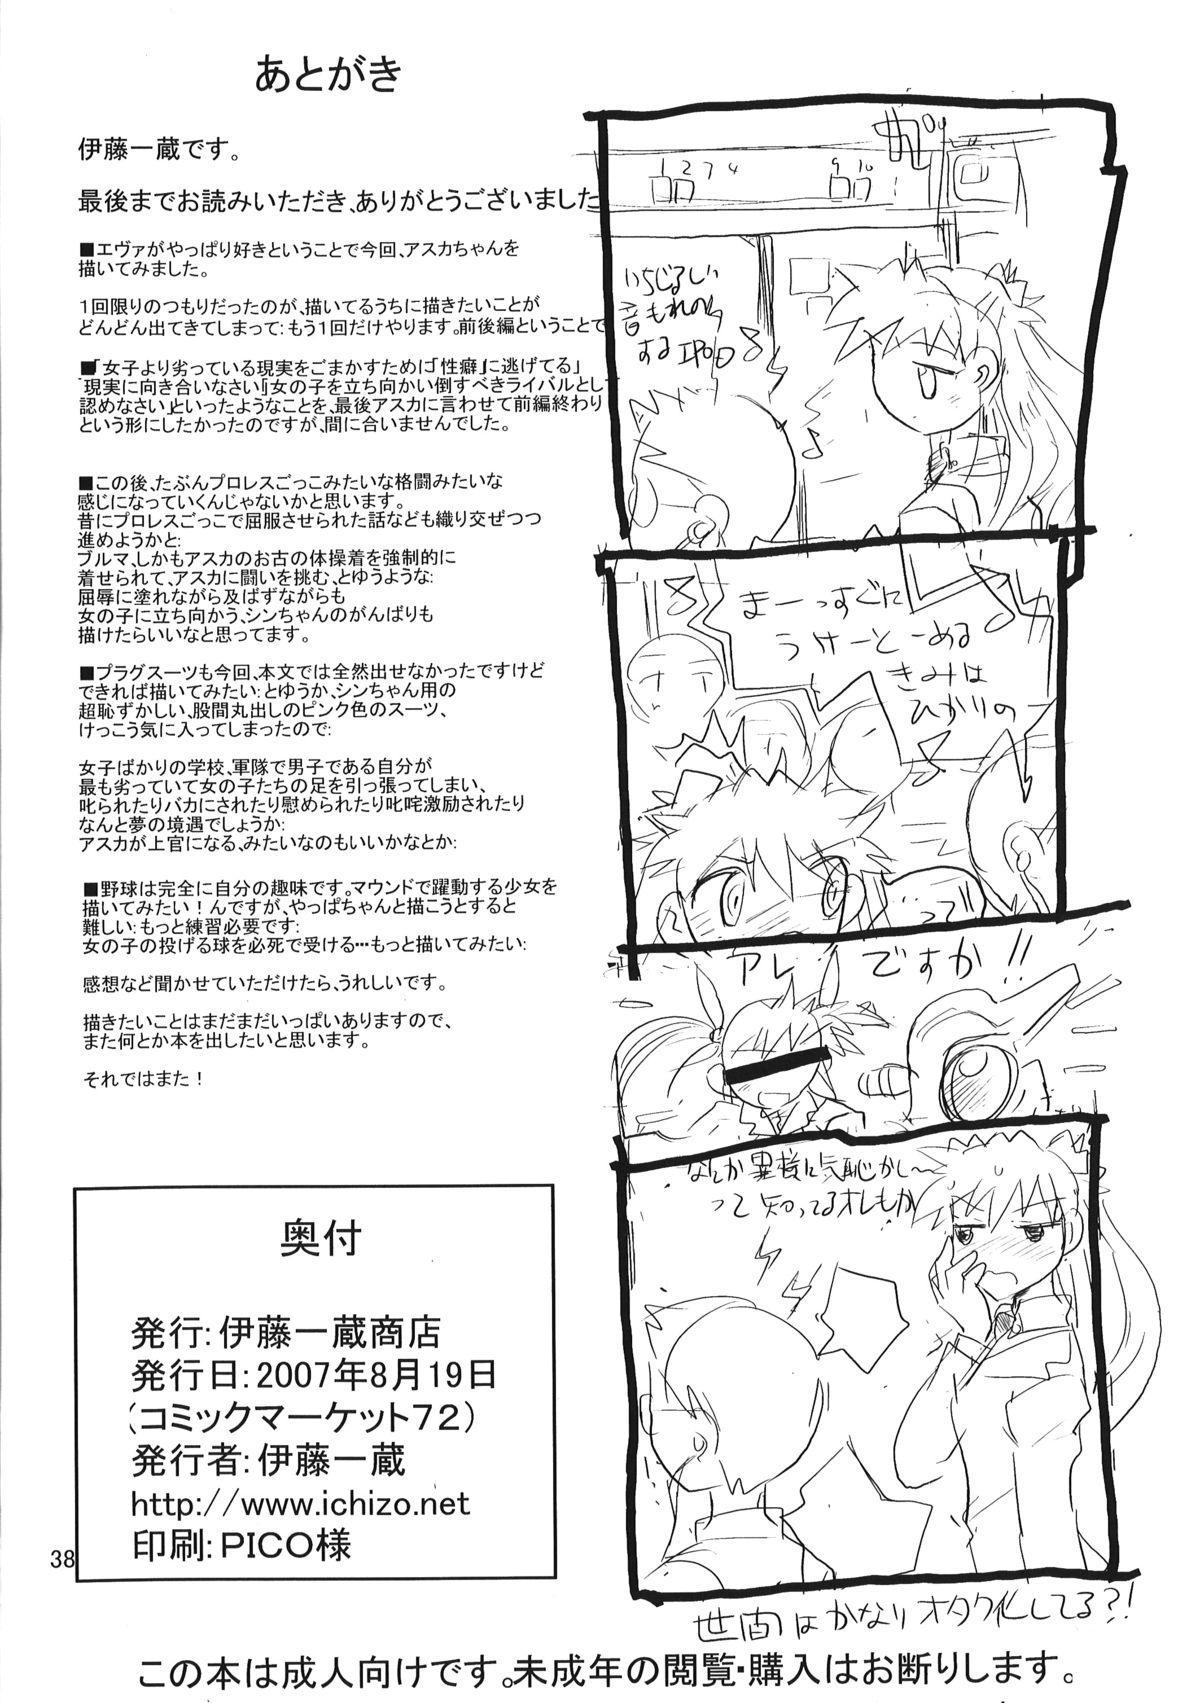 (C72) [Ito Ichizo Shouten (Ito Ichizo)] Otoko no Tatakai 10 -Onnanoko wa Natsu no Kemono-   Otoko no Tatakai 10 -The Girl, a Summer Beast- (Neon Genesis Evangelion) [English] [Maipantsu] 37